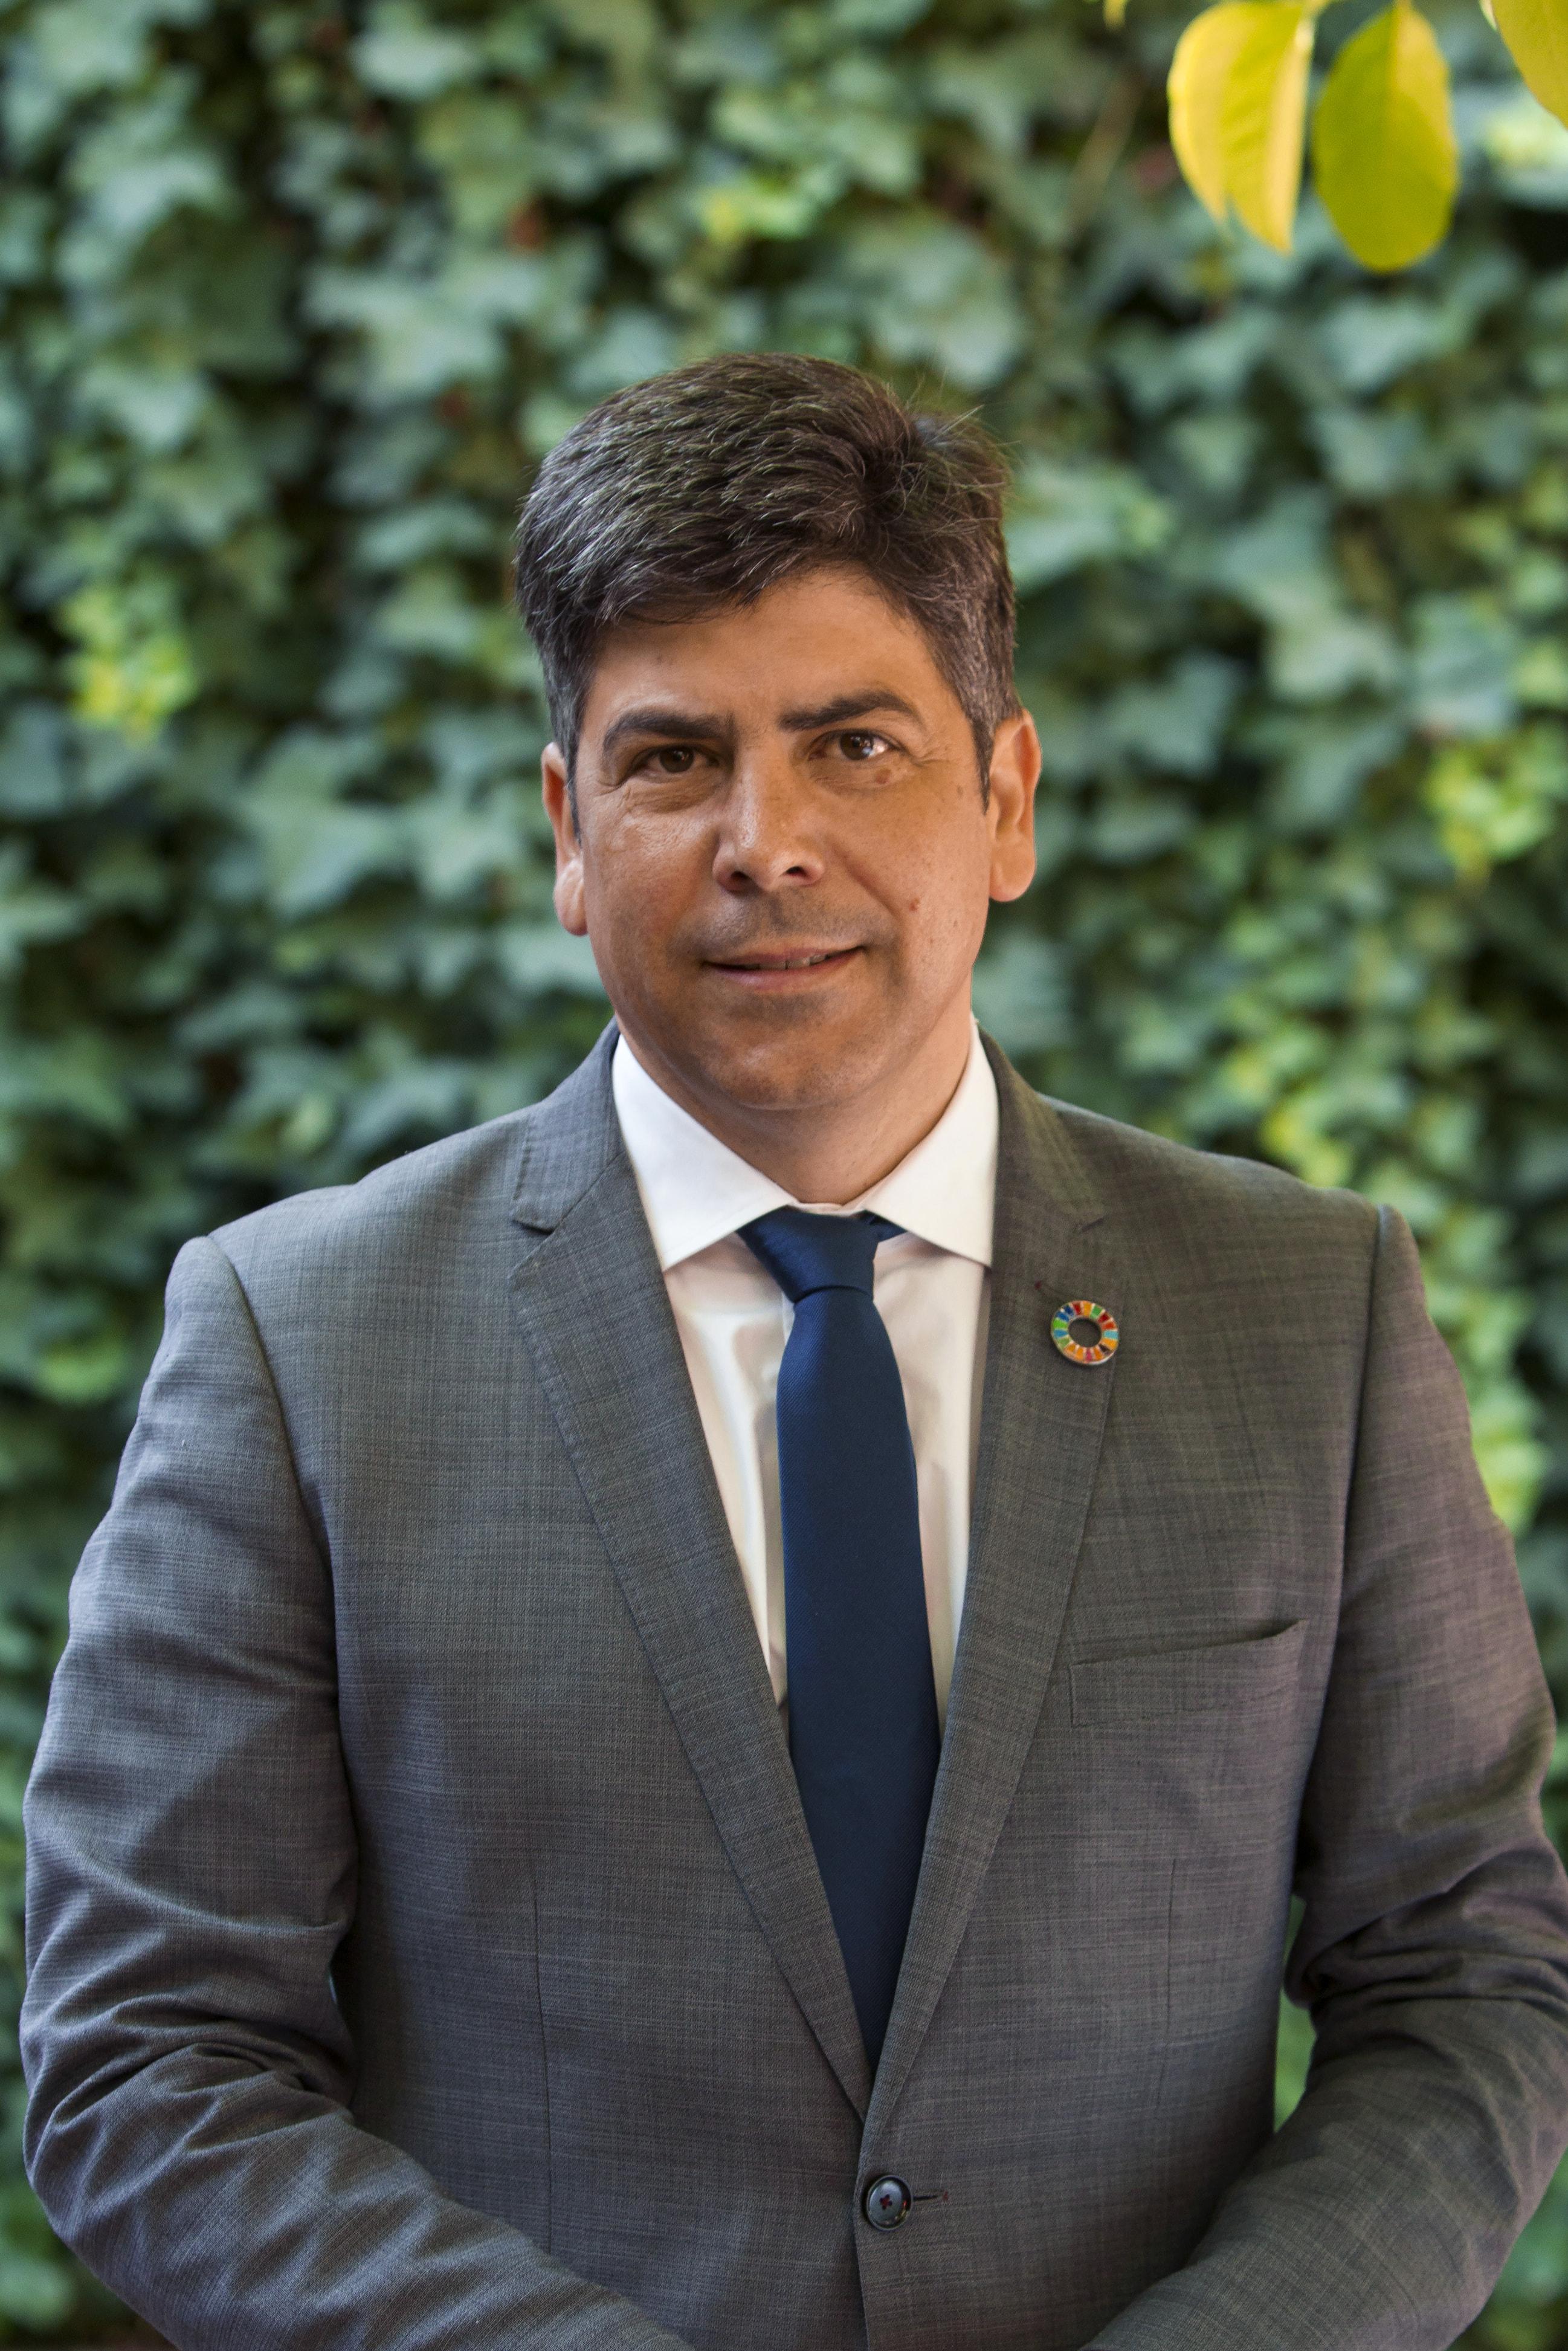 Rafael Llamas Salas